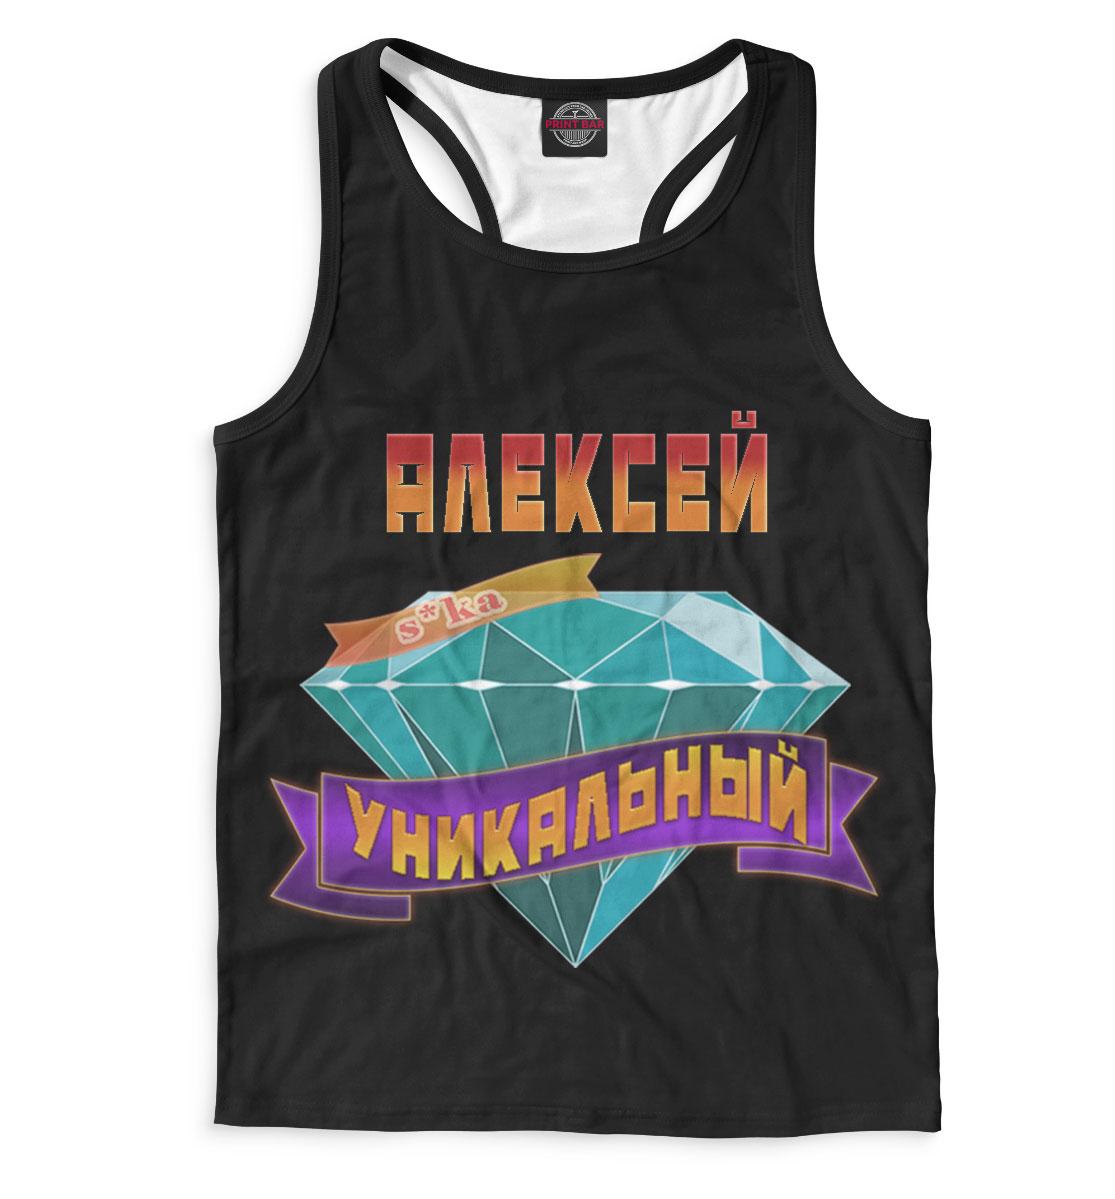 Купить Уникальный Алексей, Printbar, Майки борцовки, ALE-931109-mayb-2